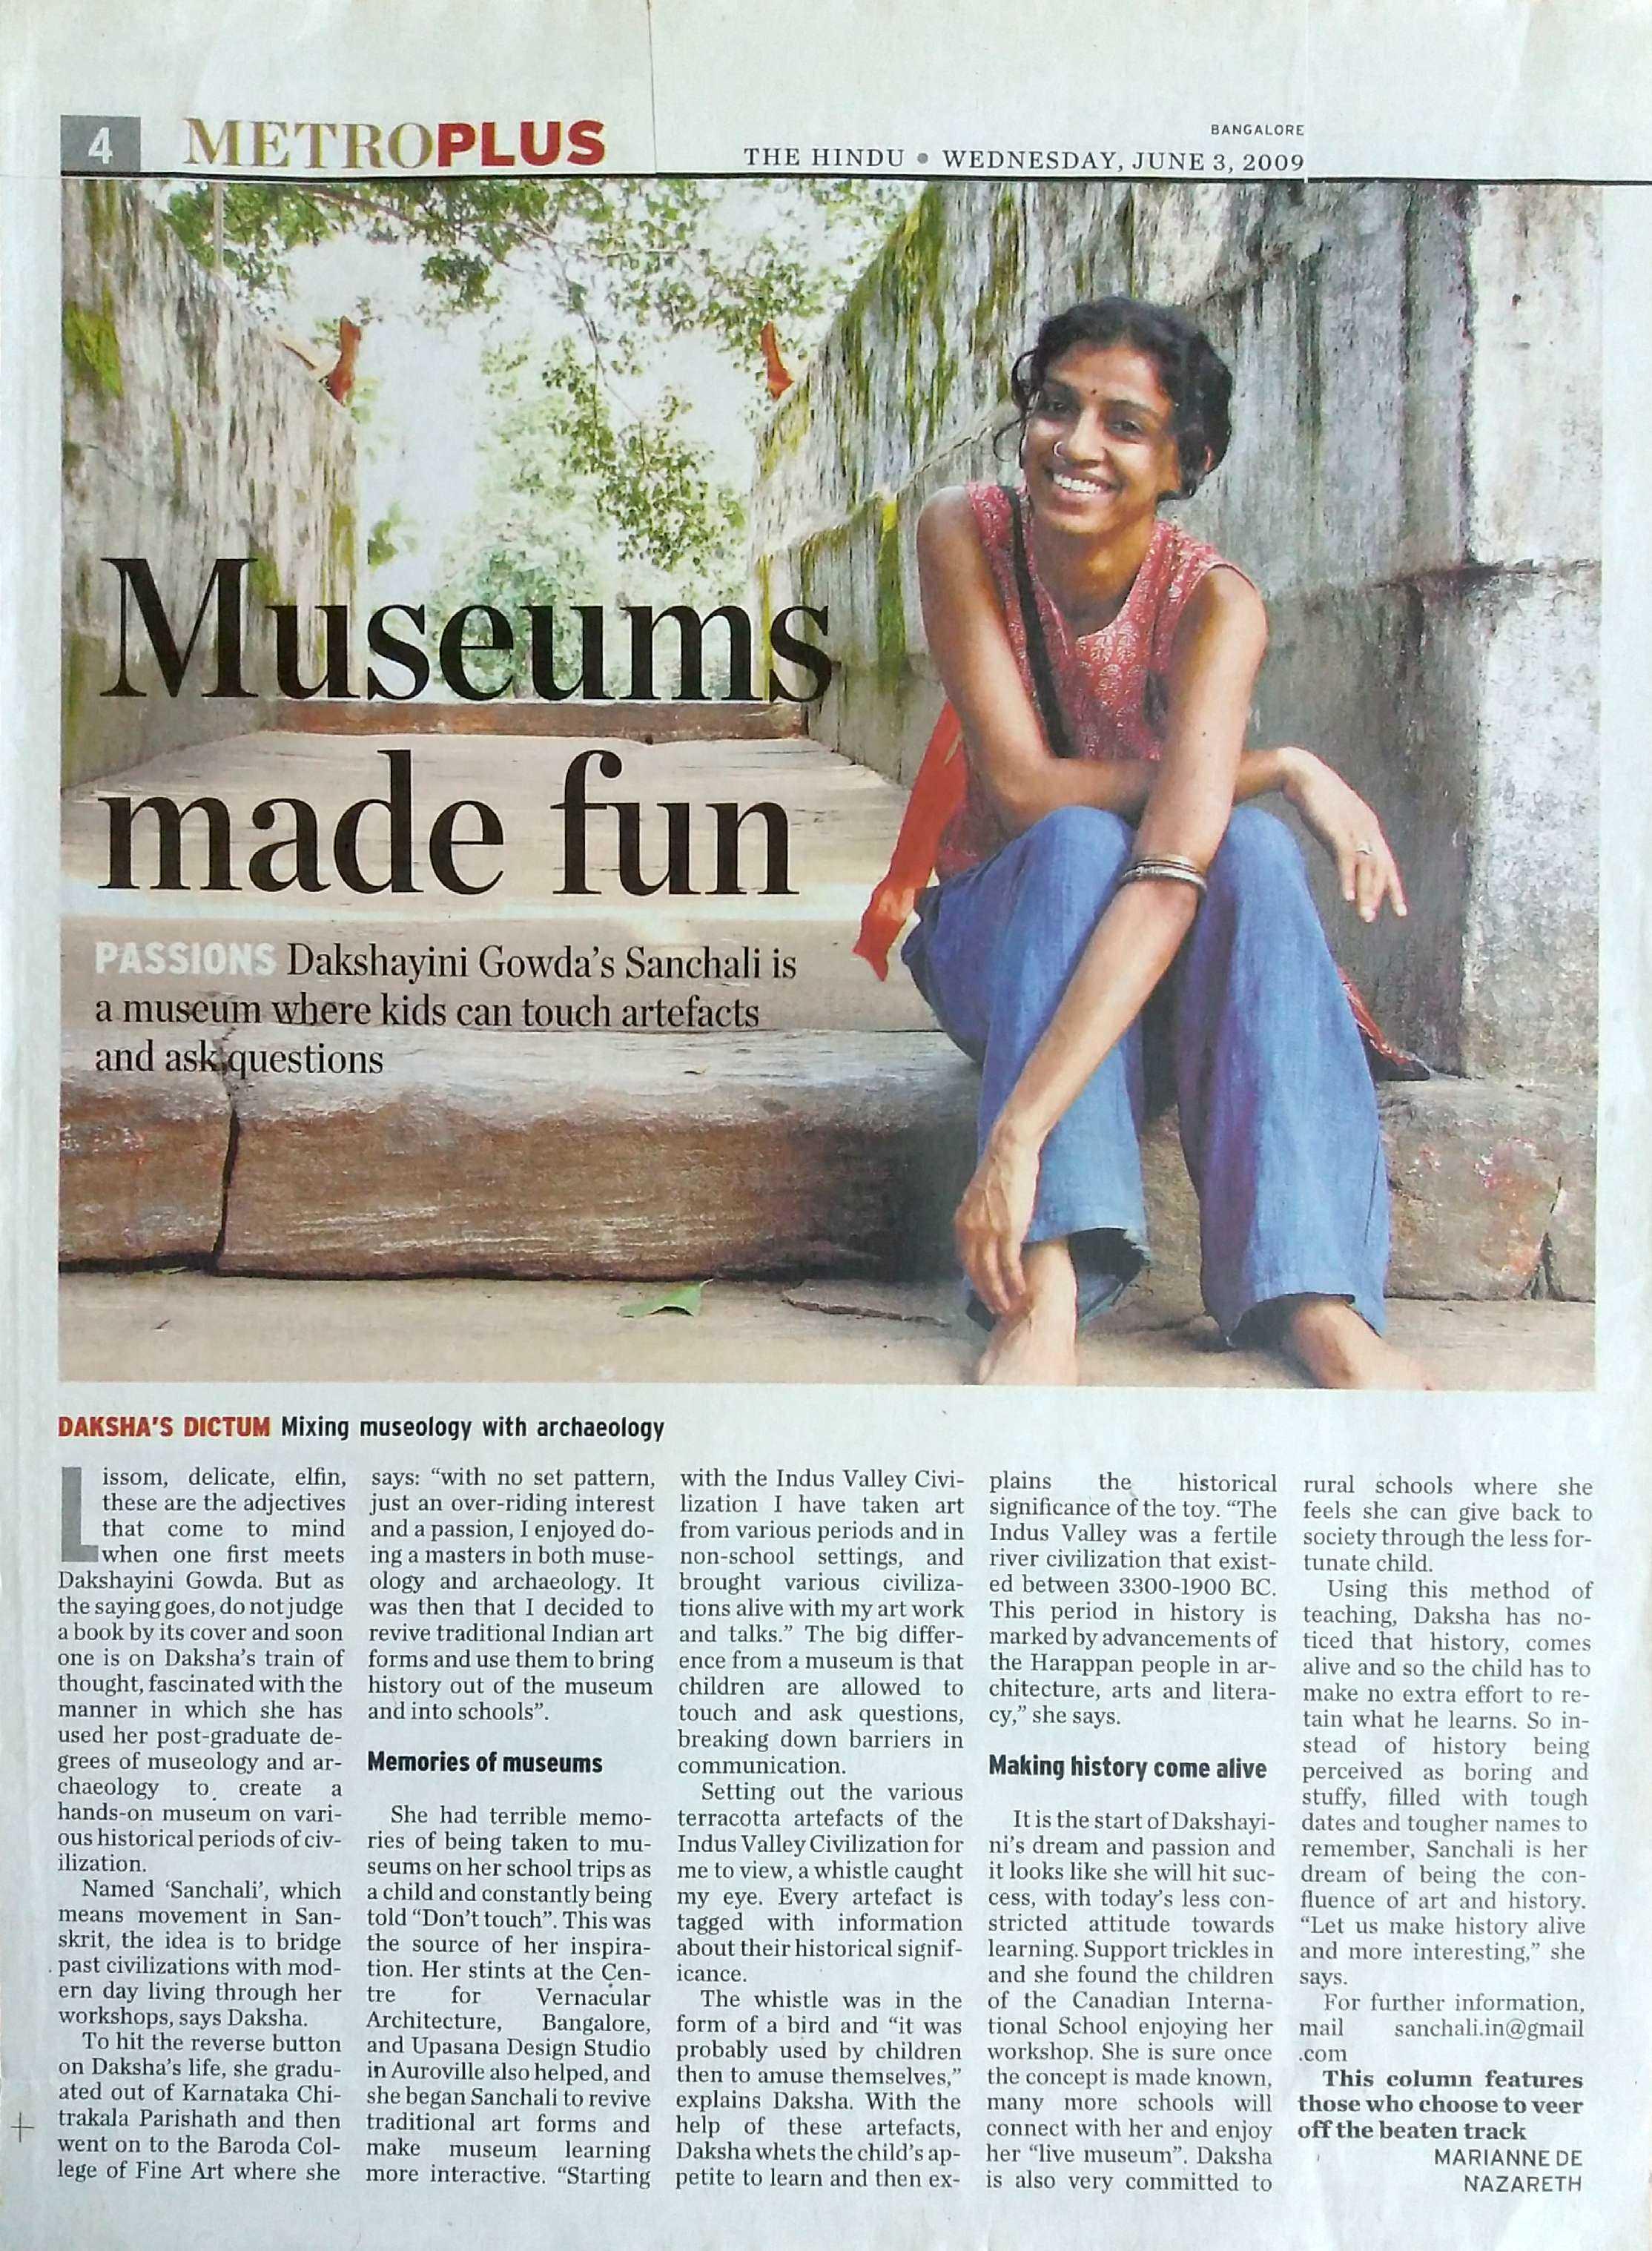 THE HINDU Newspaper, 2009